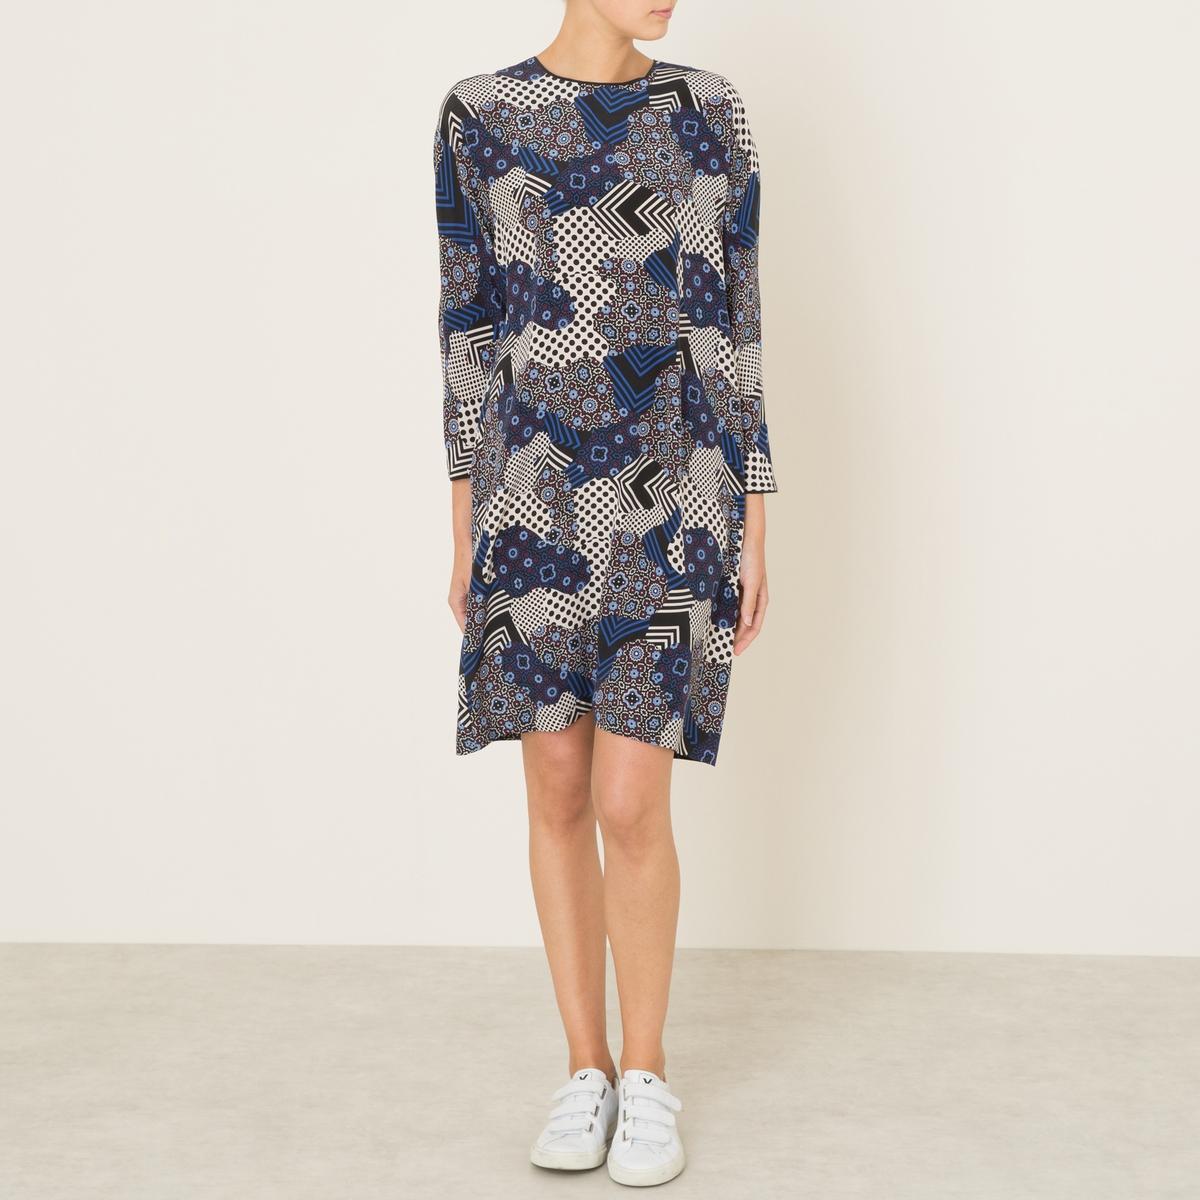 Платье BAKERПлатье TOUPY, модель BAKER. Из шелка. Круглый вырез. Вырез-капелька сзади. Длинные рукава. Оригинальный сплошной рисунок. Из тонкой струящейся ткани.Состав и описаниеМатериал : 100% шелк Длина : 92 см. (для размера S)Марка : TOUPY<br><br>Цвет: темно-синий